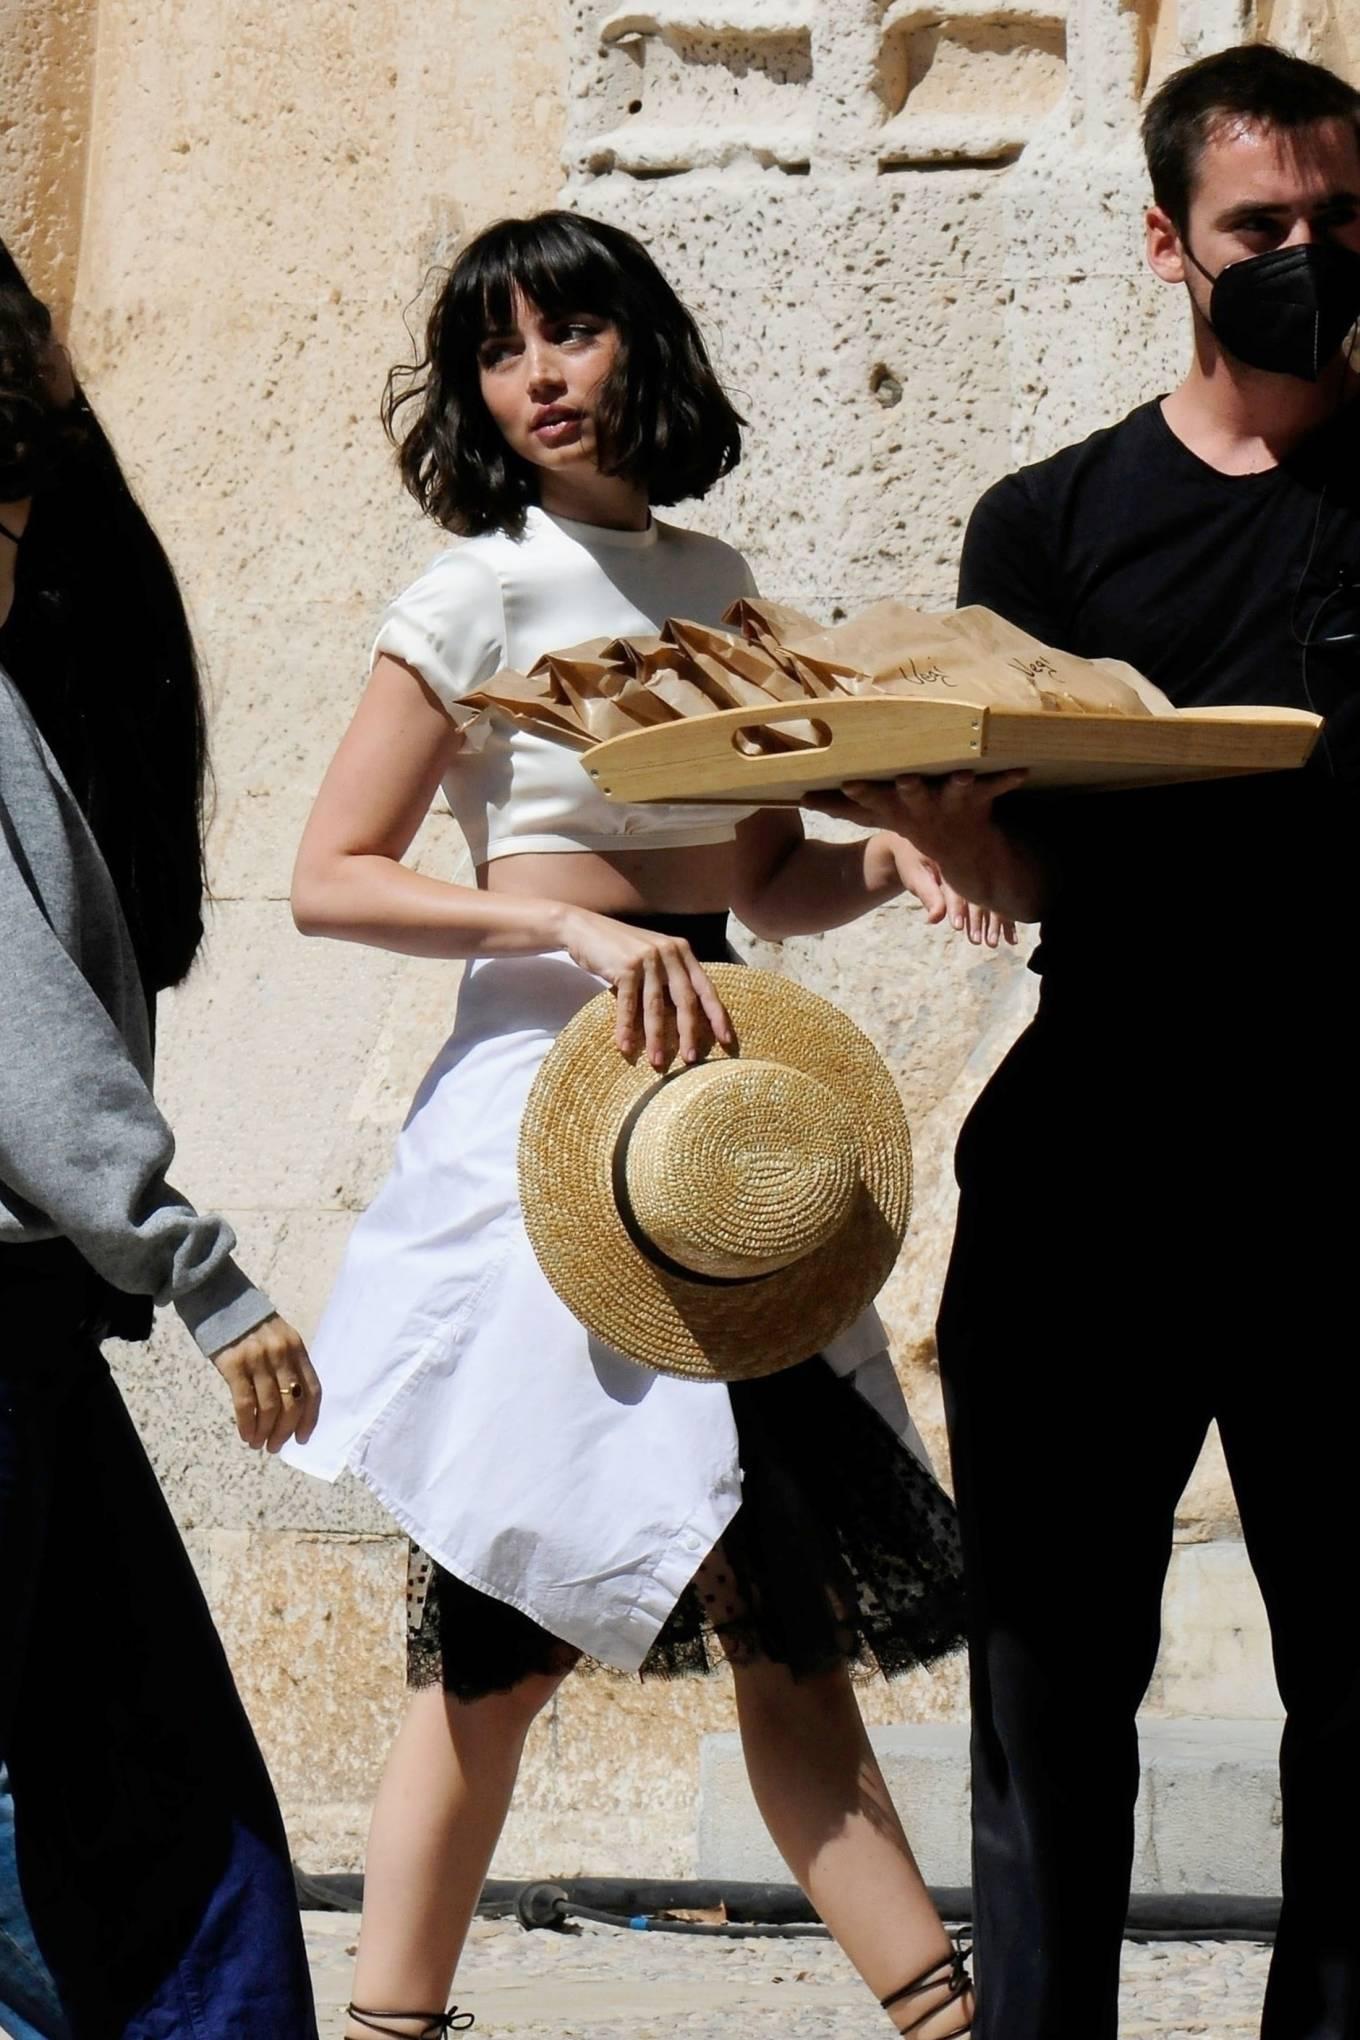 Ana de Armas 2021 : Ana De Armas – On set filming her latest film role in Palma De Mallorca-03